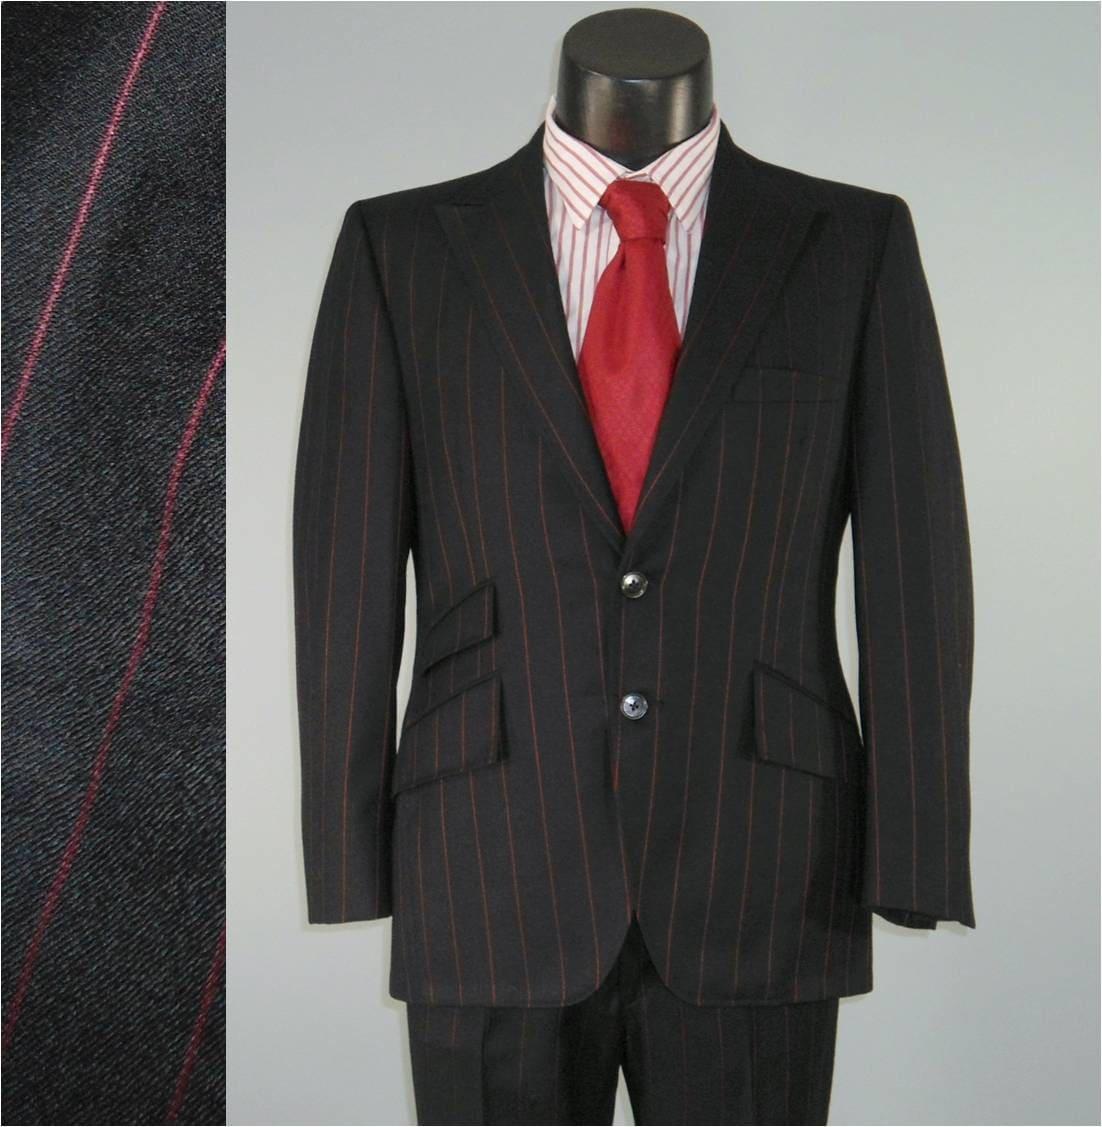 1960s Mens Colorful Suits Vintage mens suit 1960s nod to